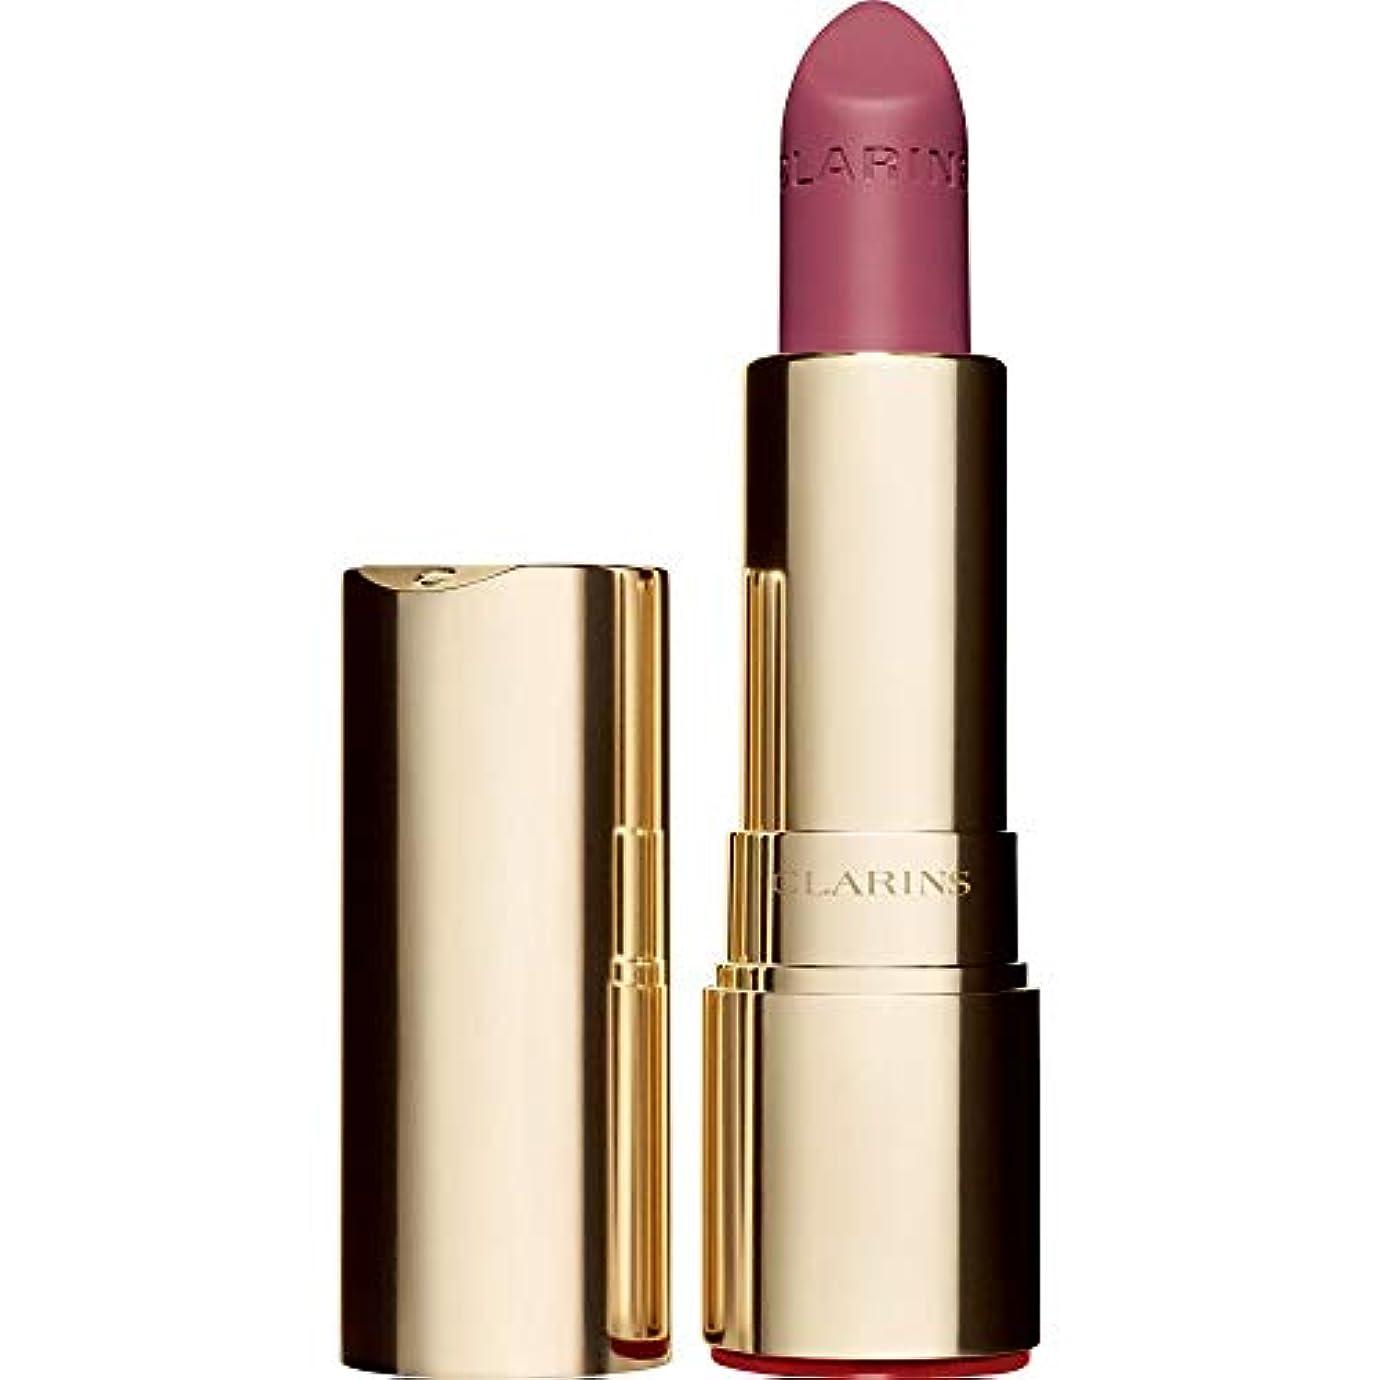 周波数薬を飲む販売員[Clarins ] クラランスジョリルージュのベルベットの口紅3.5グラムの755V - レイシ - Clarins Joli Rouge Velvet Lipstick 3.5g 755V - Litchi [並行輸入品]